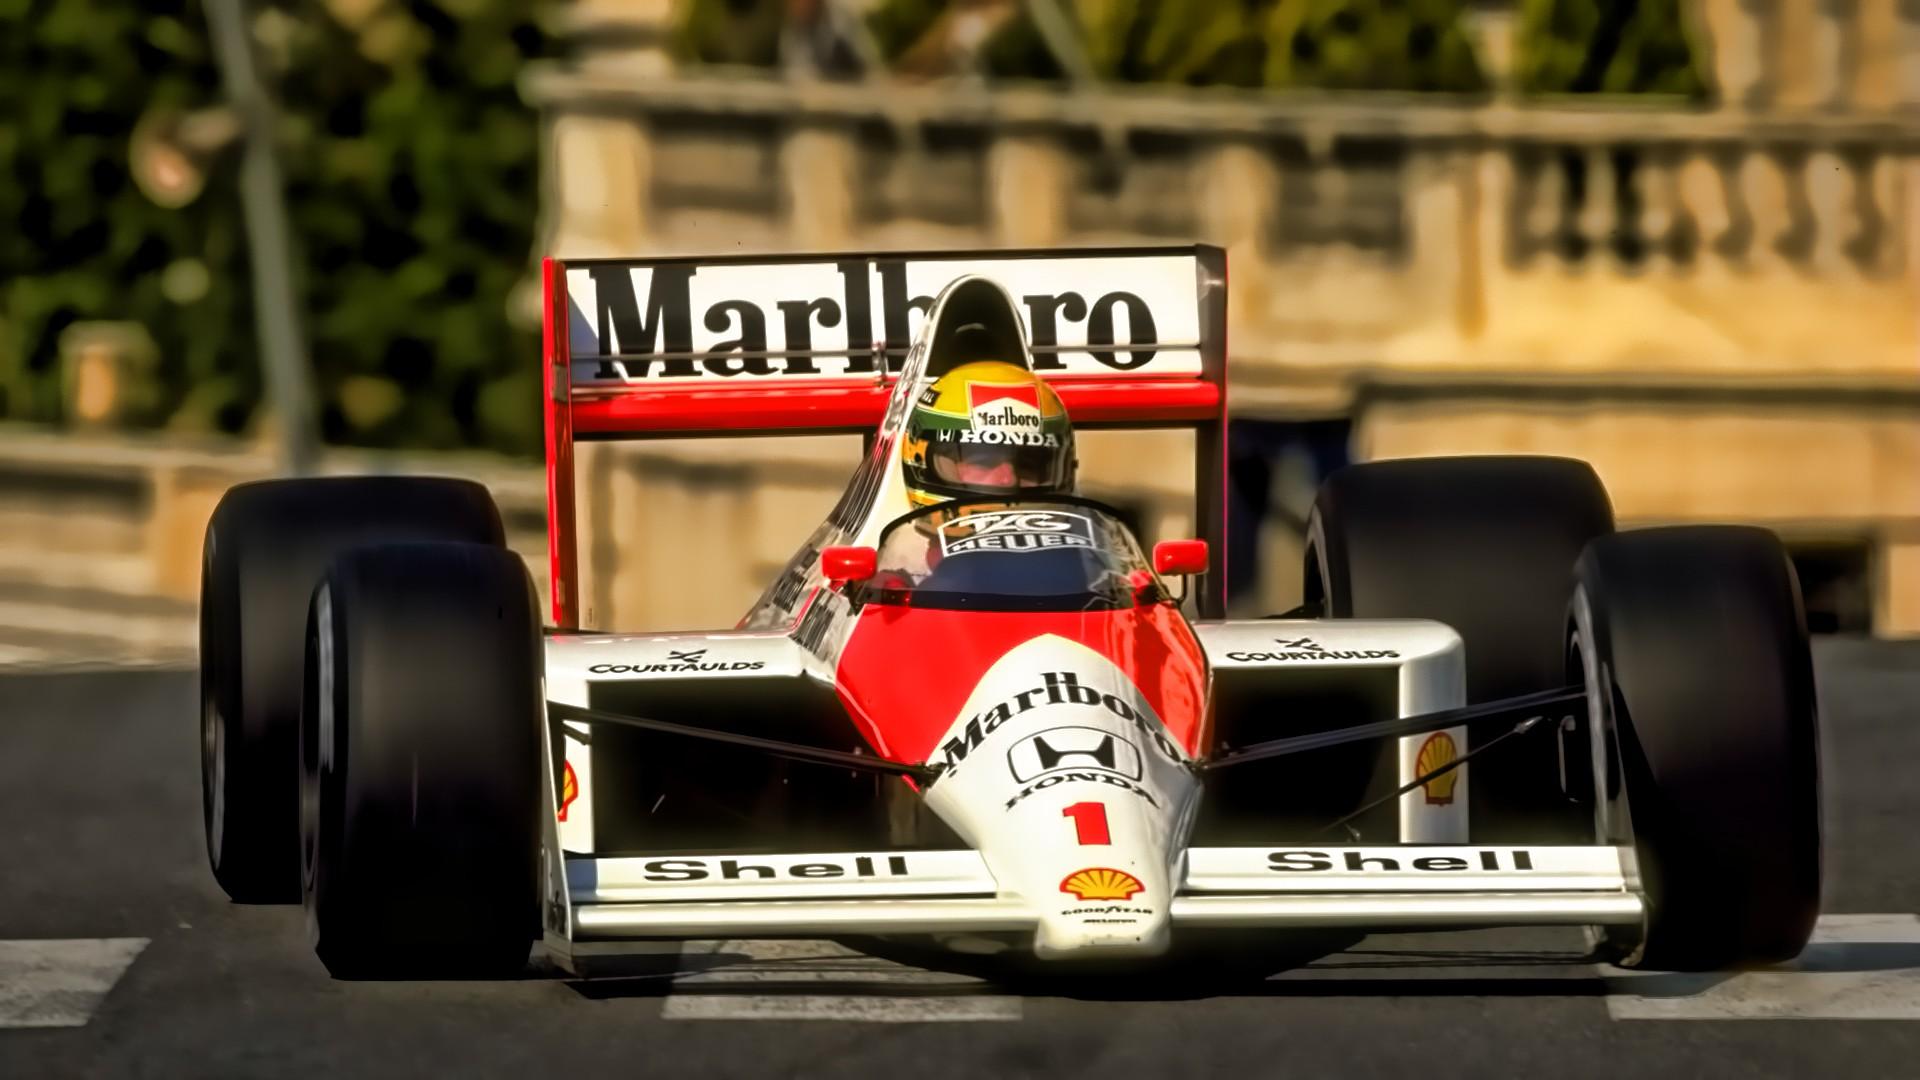 Wallpaper 1920x1080 Px Ayrton Senna Formula 1 Marlboro